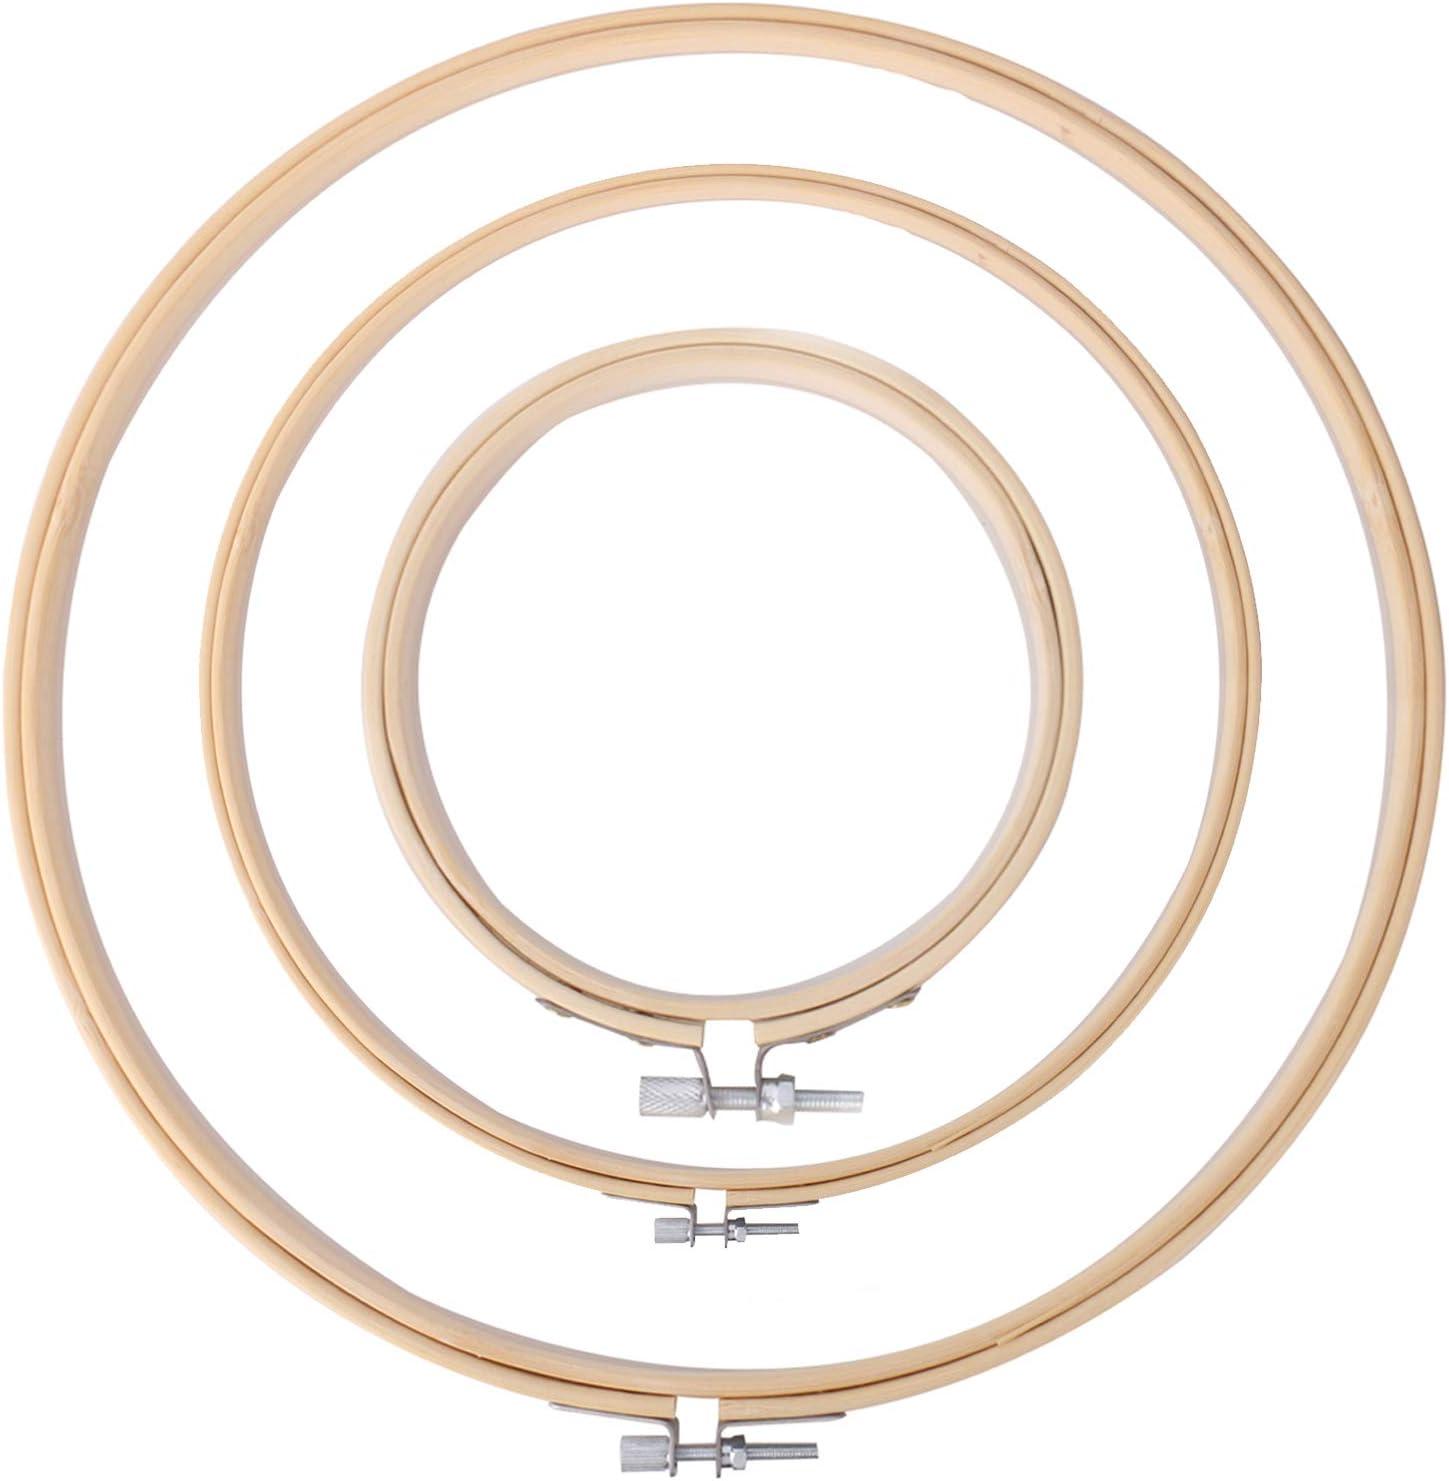 Lorenlli Bamboo Cross Stitch Hoops Runde Stickrahmen Hoop Verstellbarer Bamboo Circle Cross Stitch Hoop Holzstickkreis